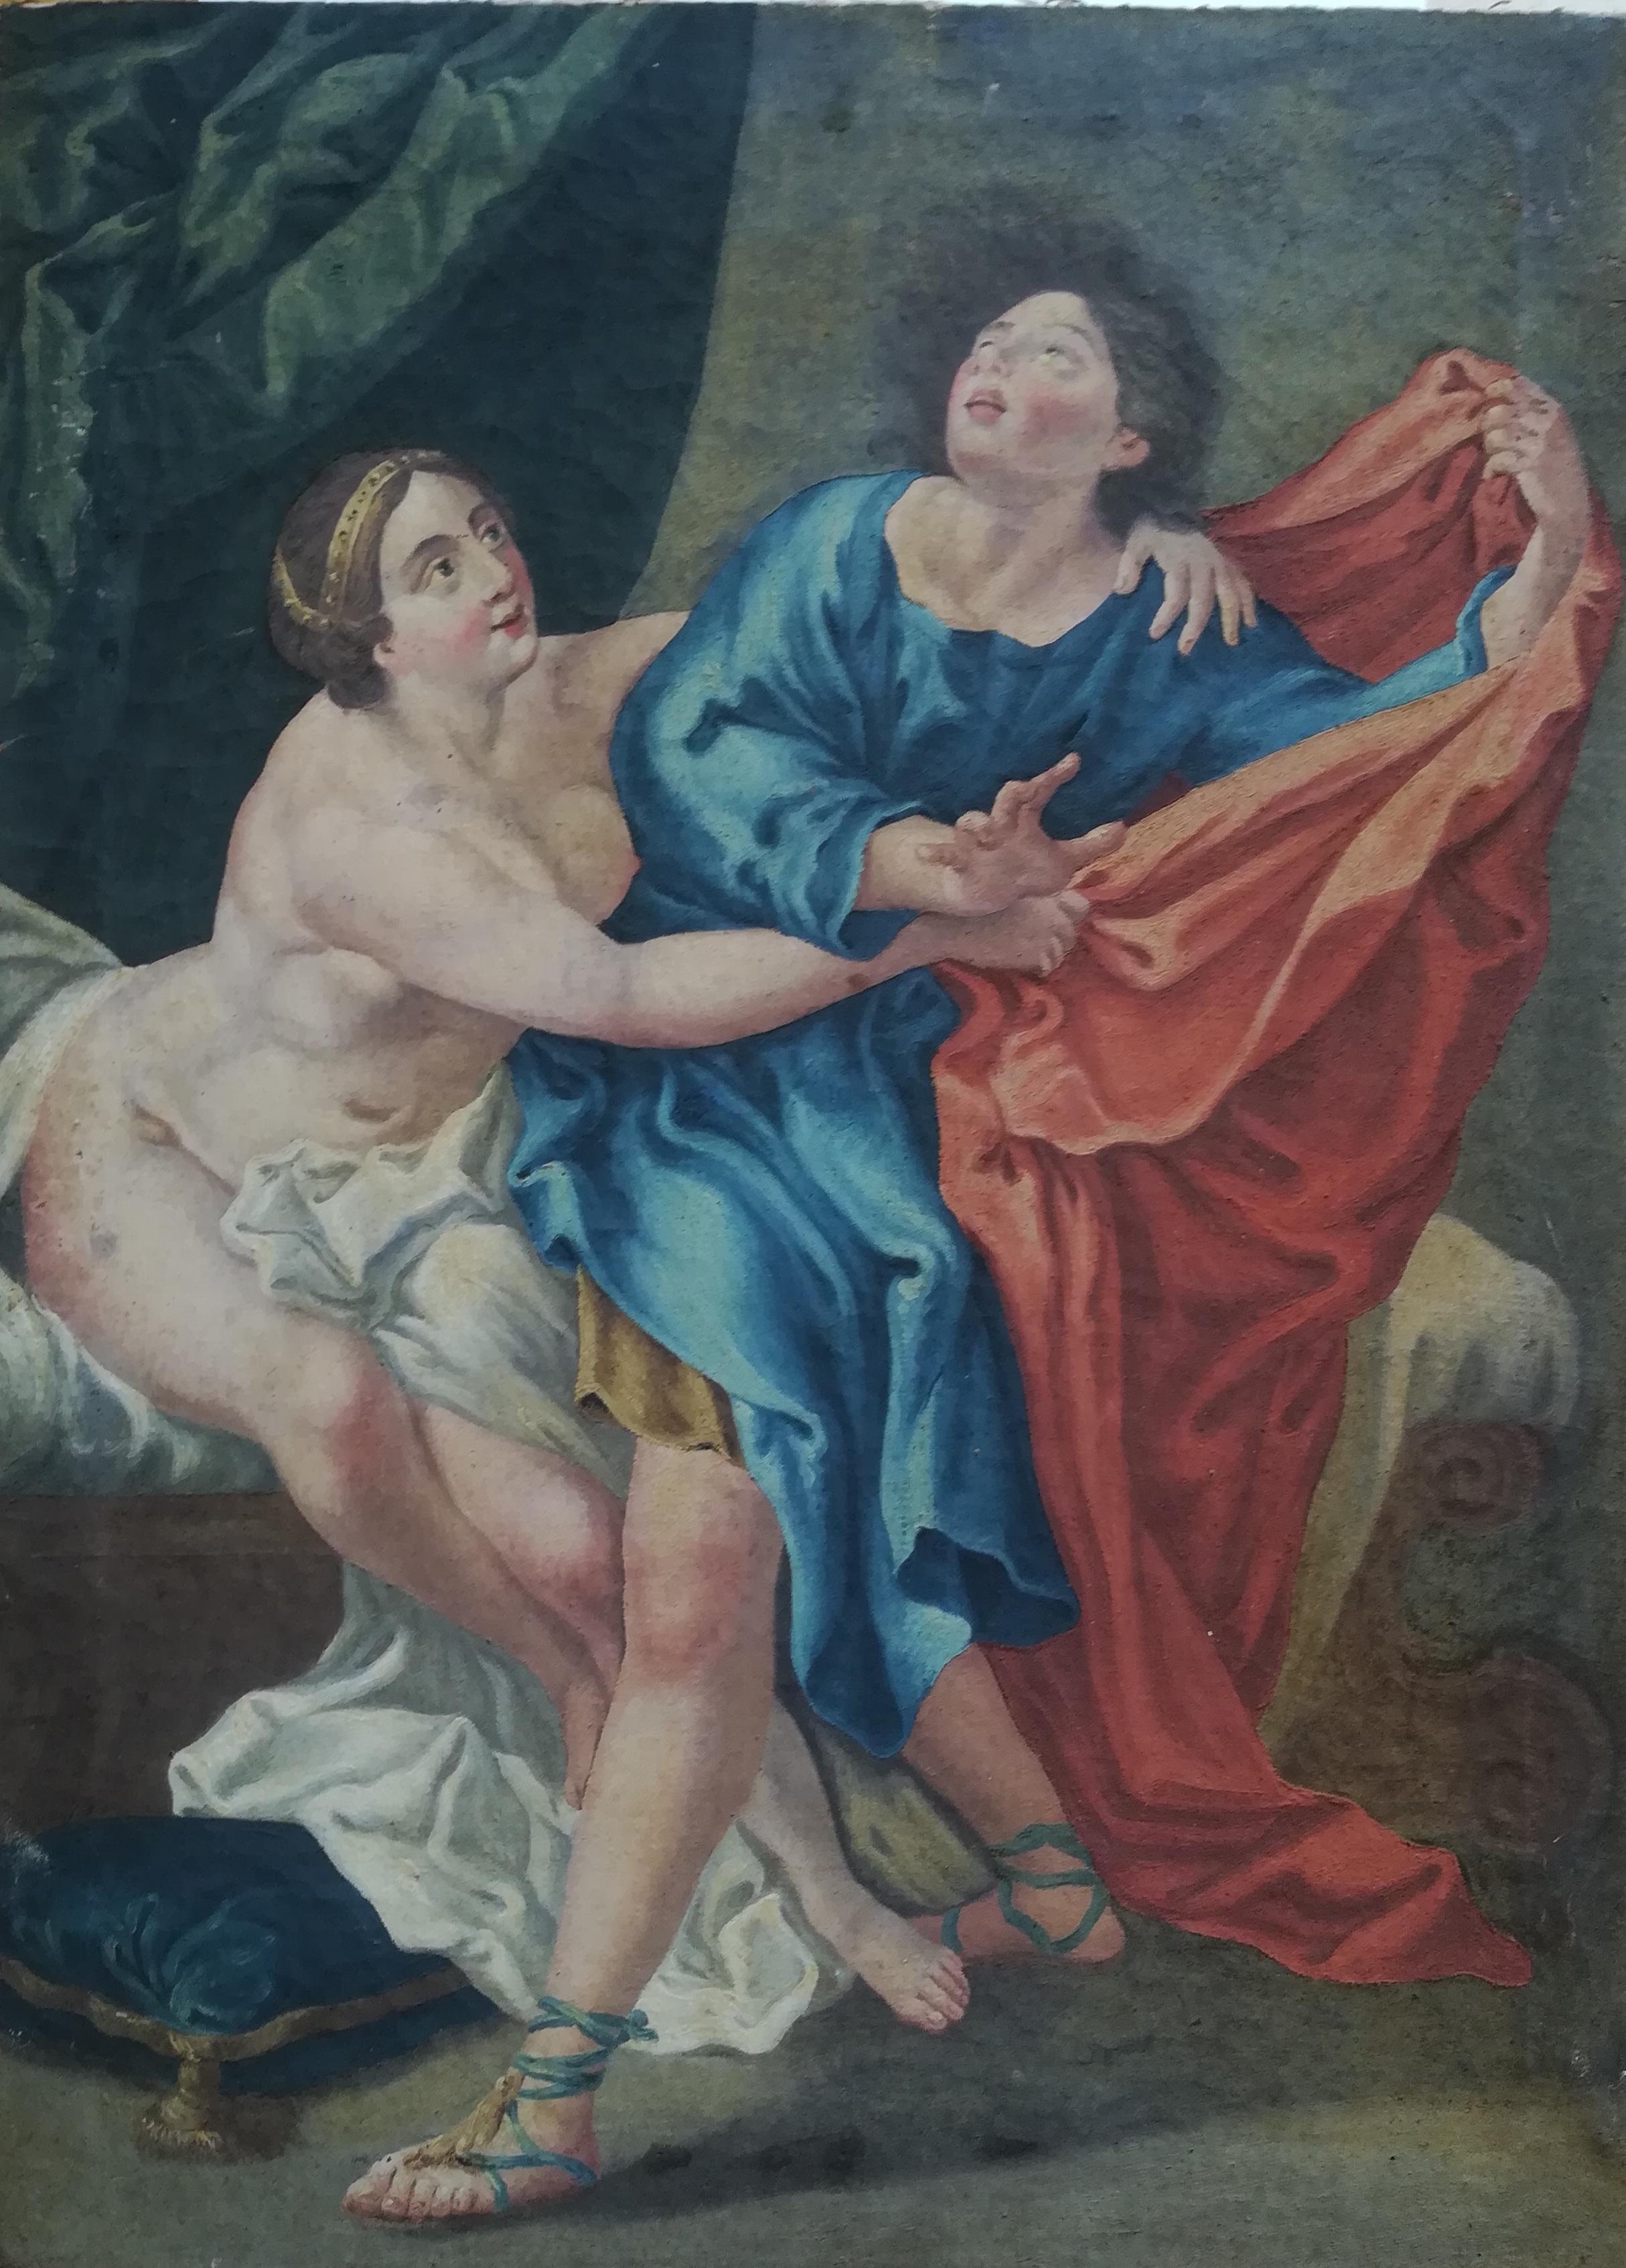 Carlo Cignani (után): Joszef és Potifár felesége